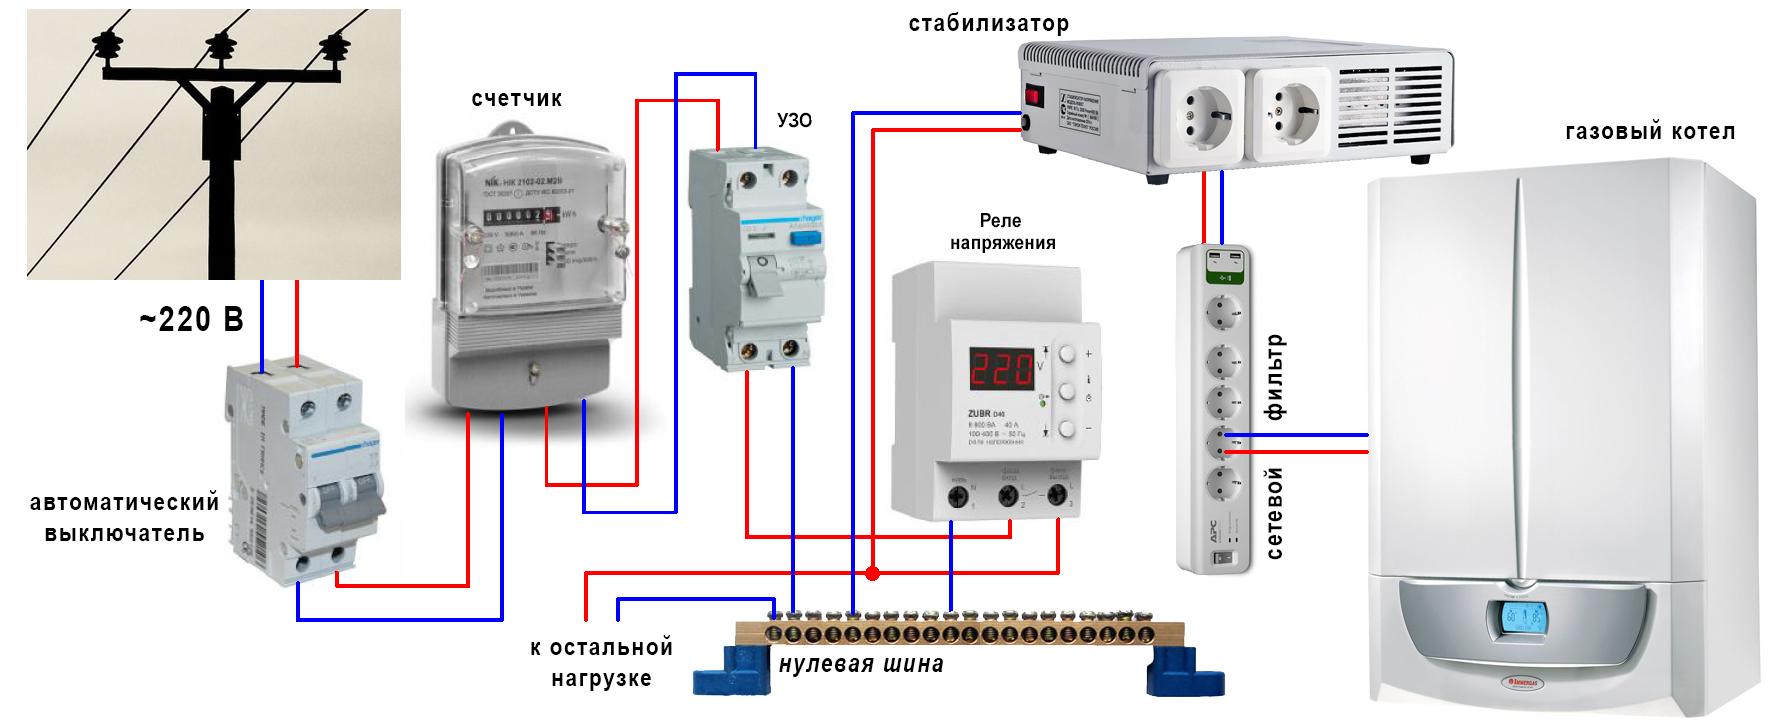 инверторный стабилизатор напряжения для газового котла